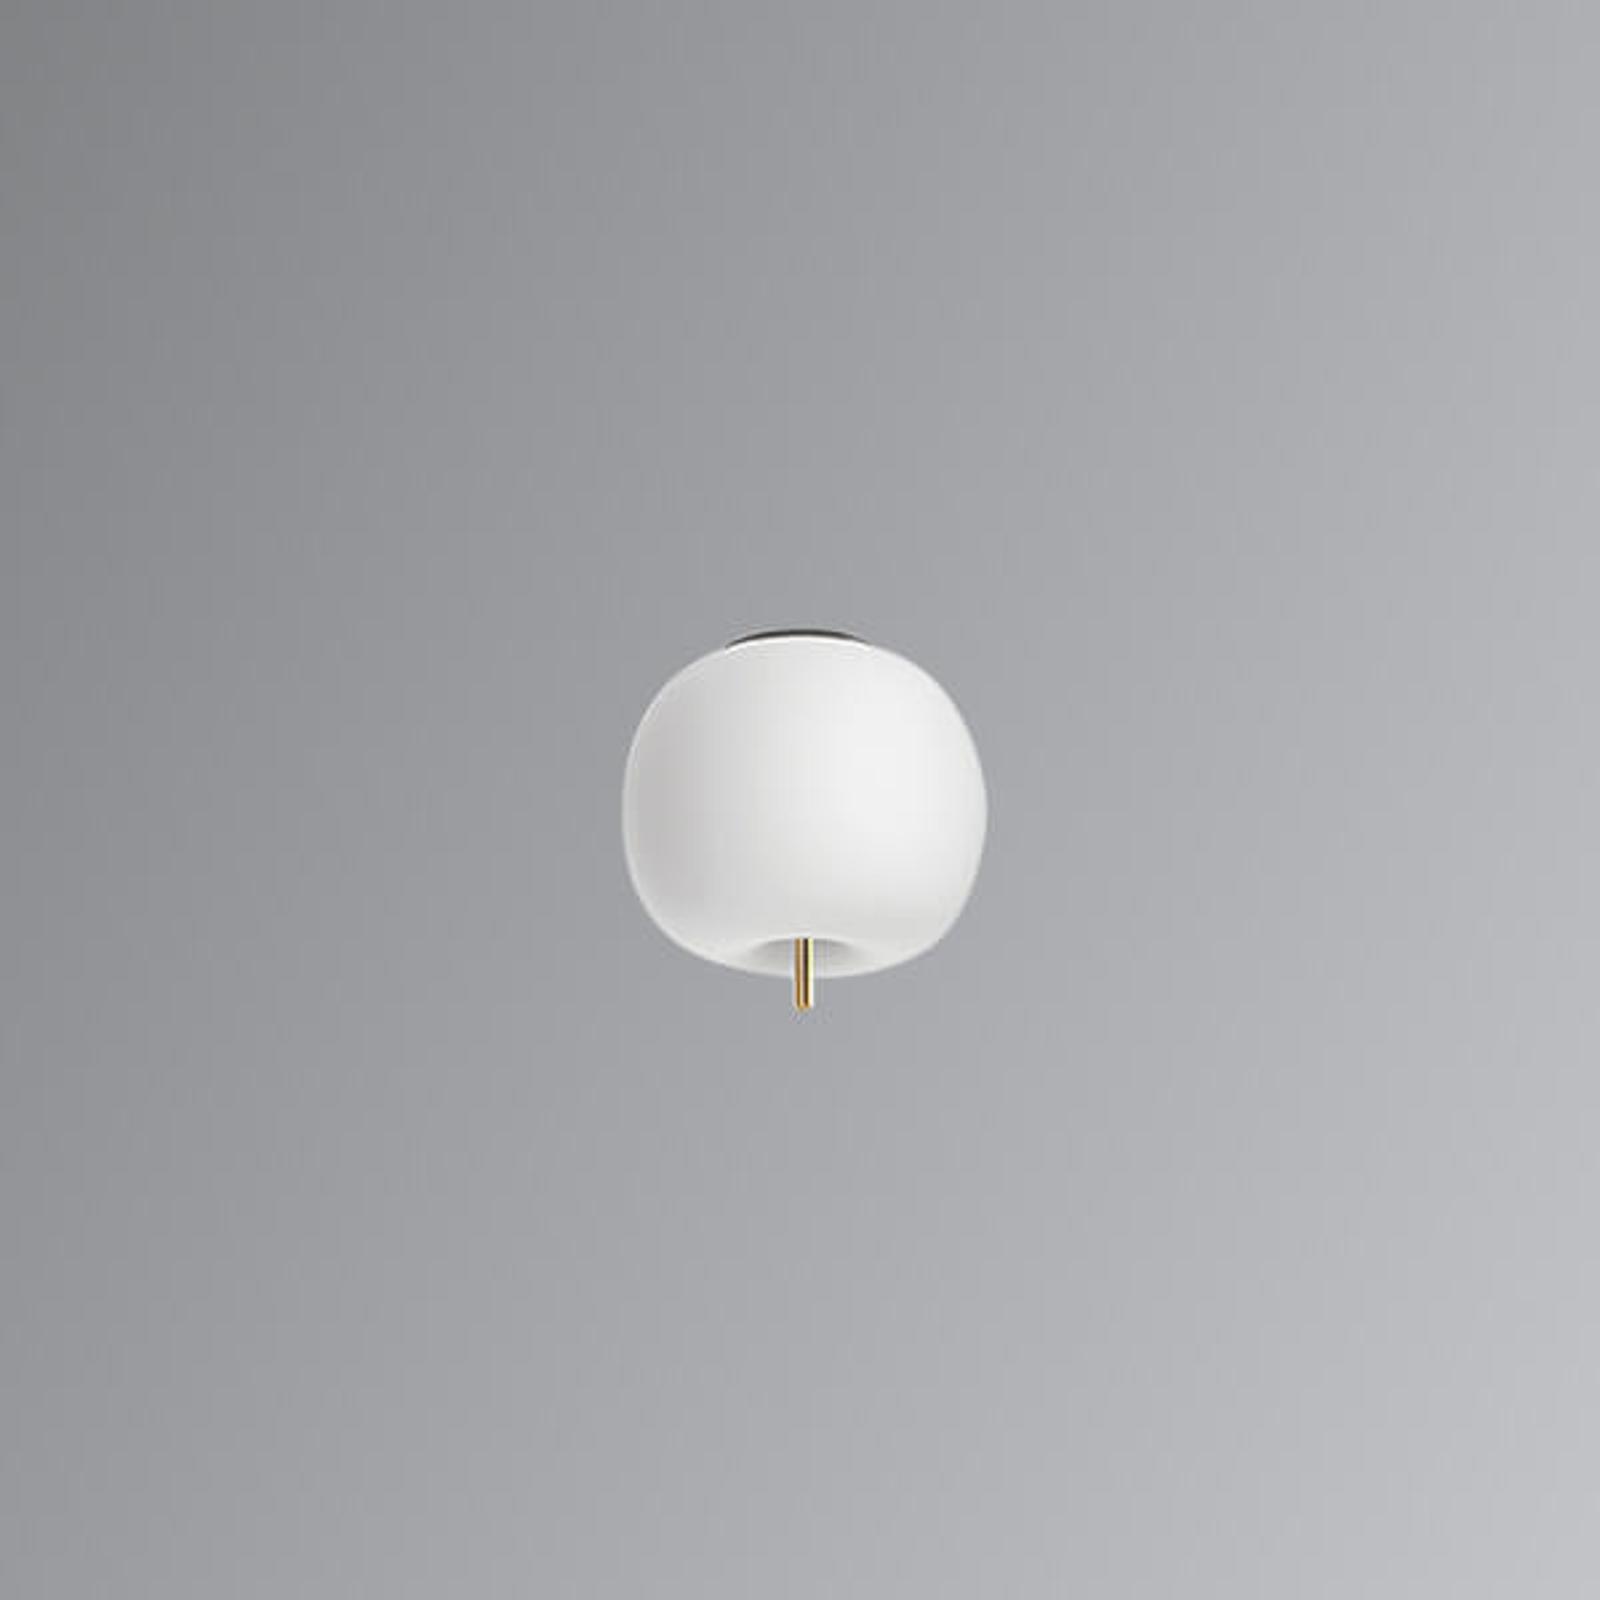 Kundalini Kushi - plafonnier LED laiton 16 cm